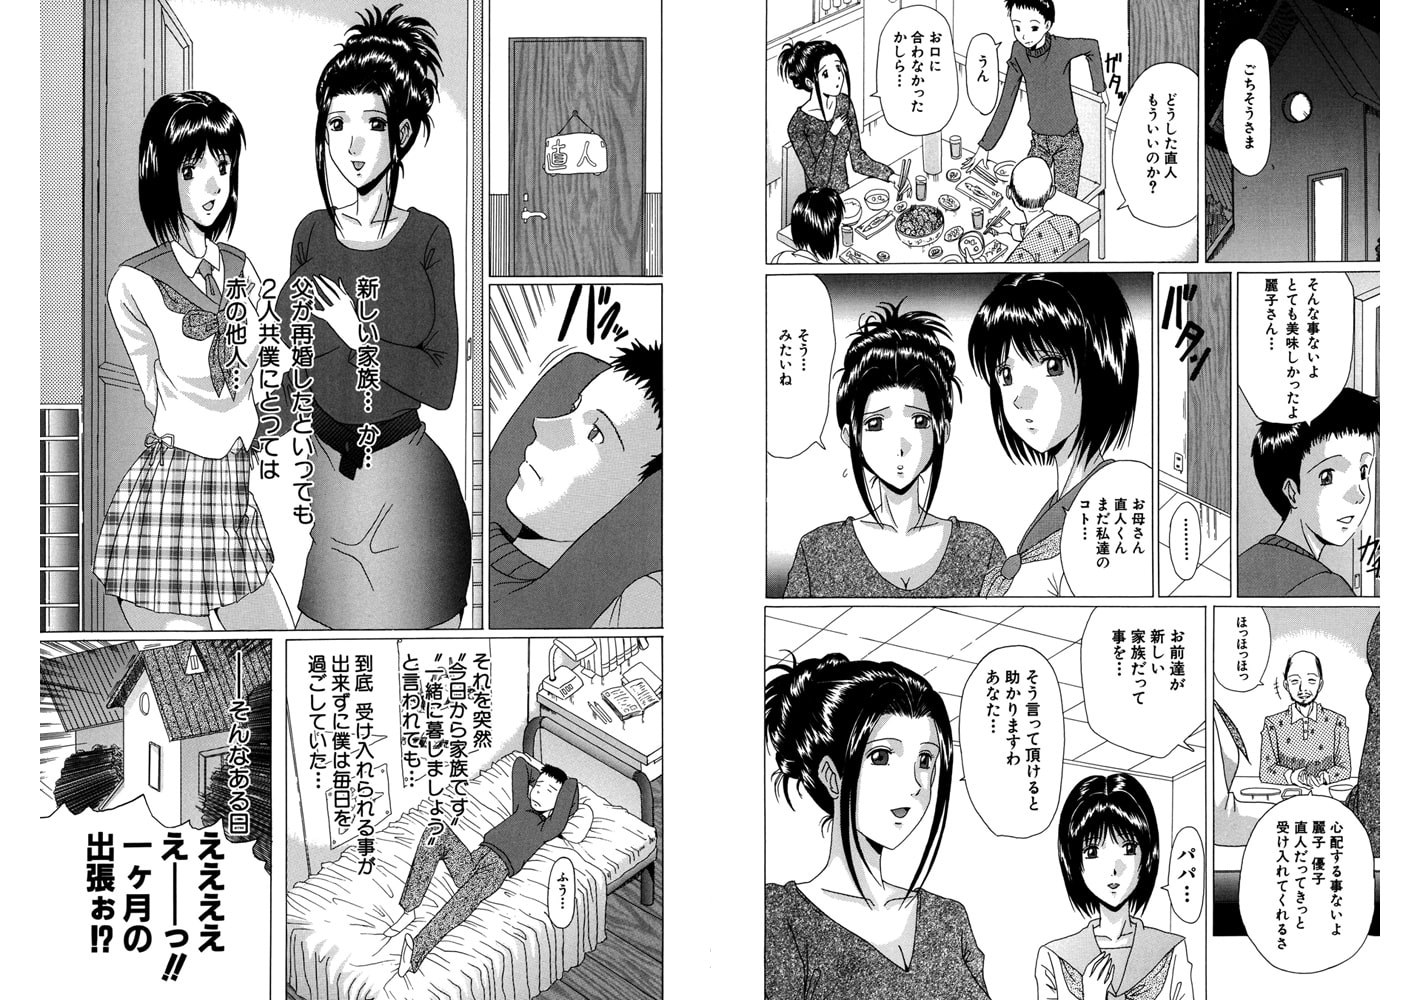 義母(MUJIN COMICS 名作集 vol.8)(舞六まいむ/じゃみんぐ/四島由紀夫/村雨真澄)